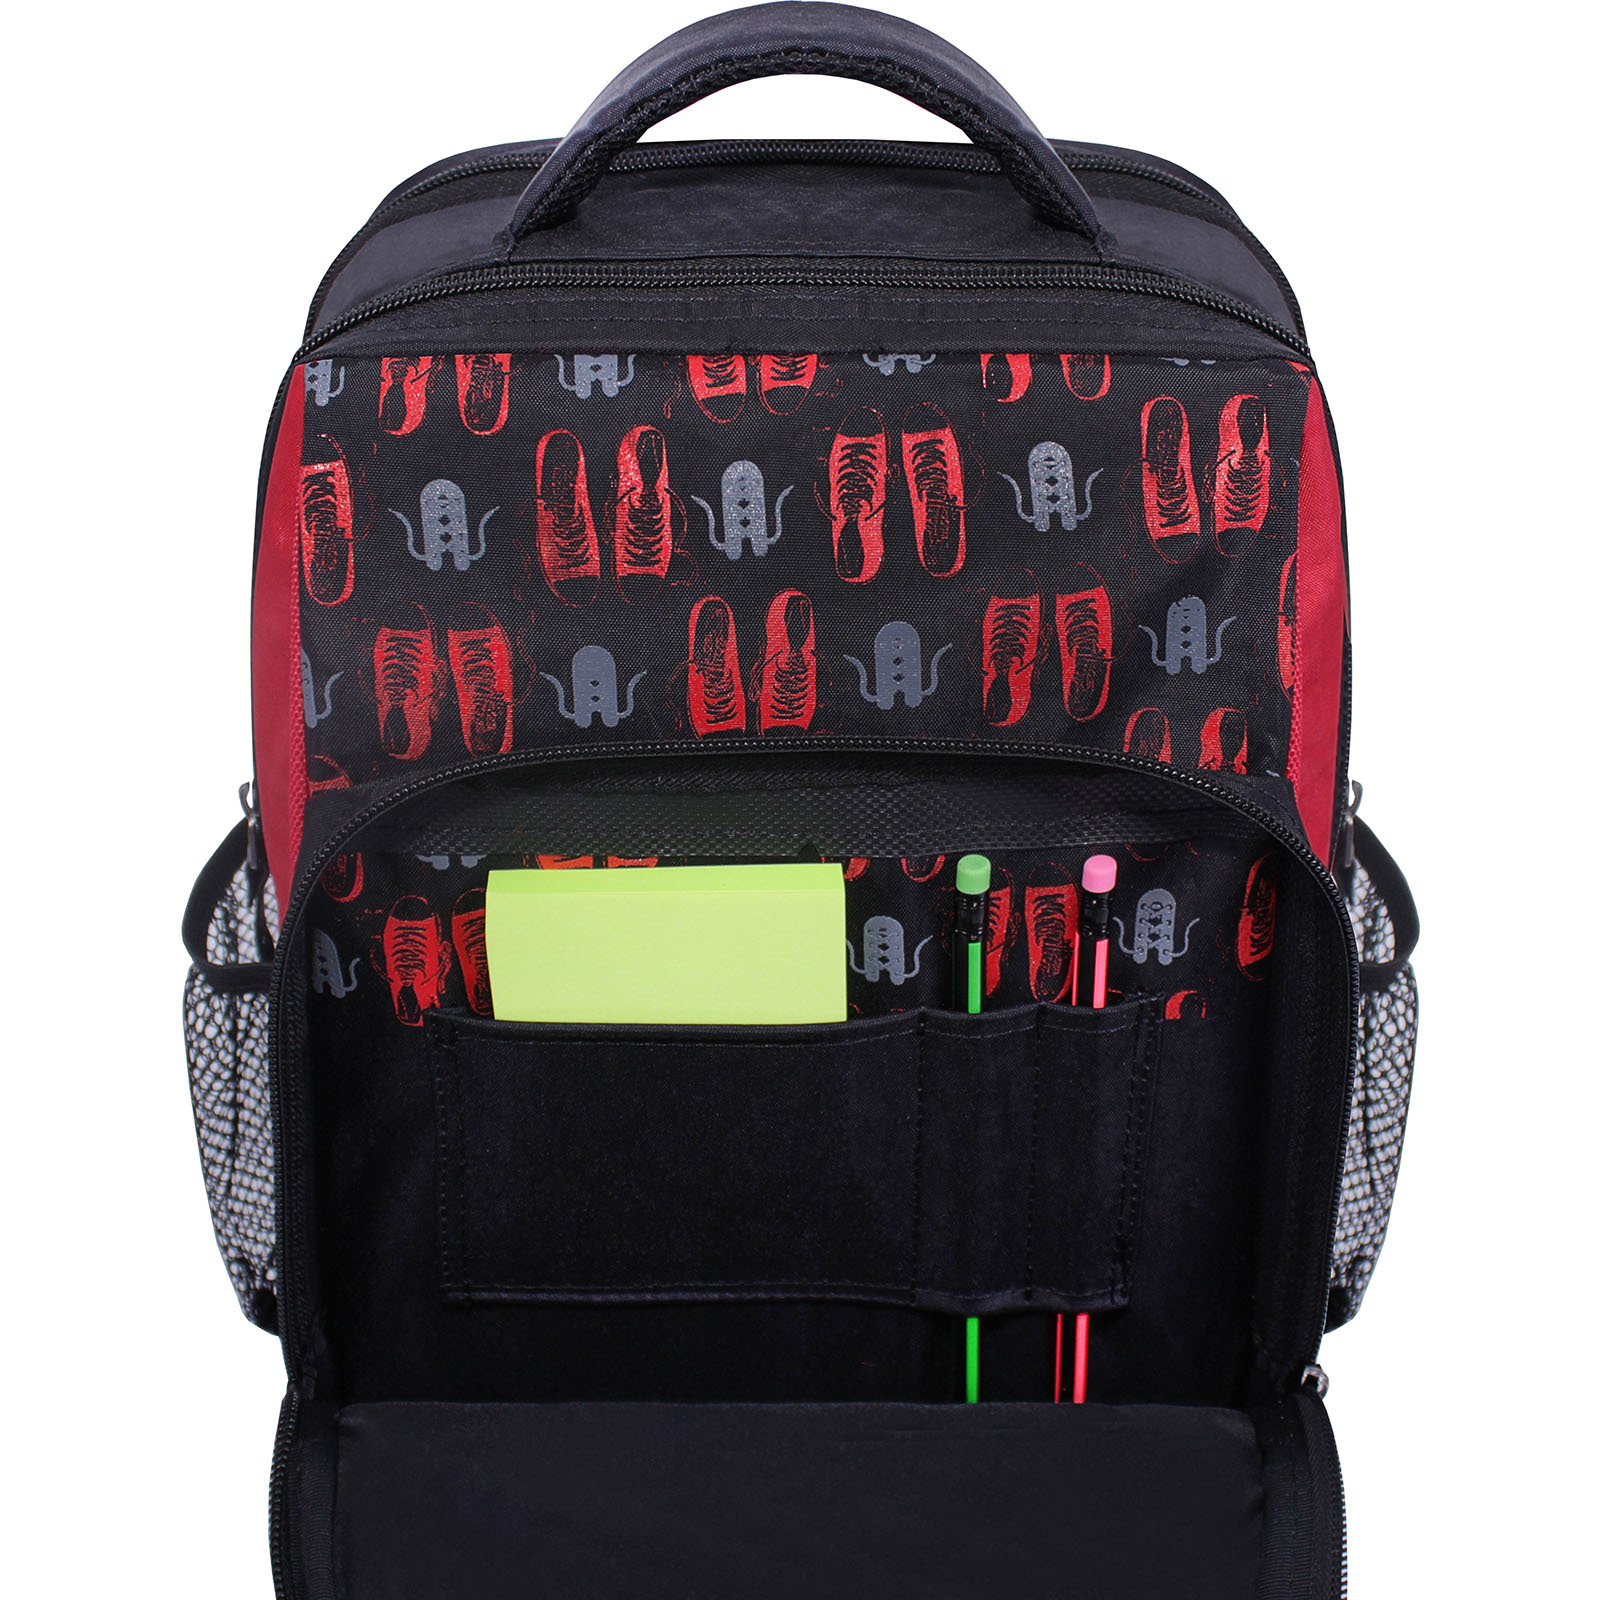 Рюкзак школьный Bagland Школьник 8 л. черный 609 (0012870) фото 4